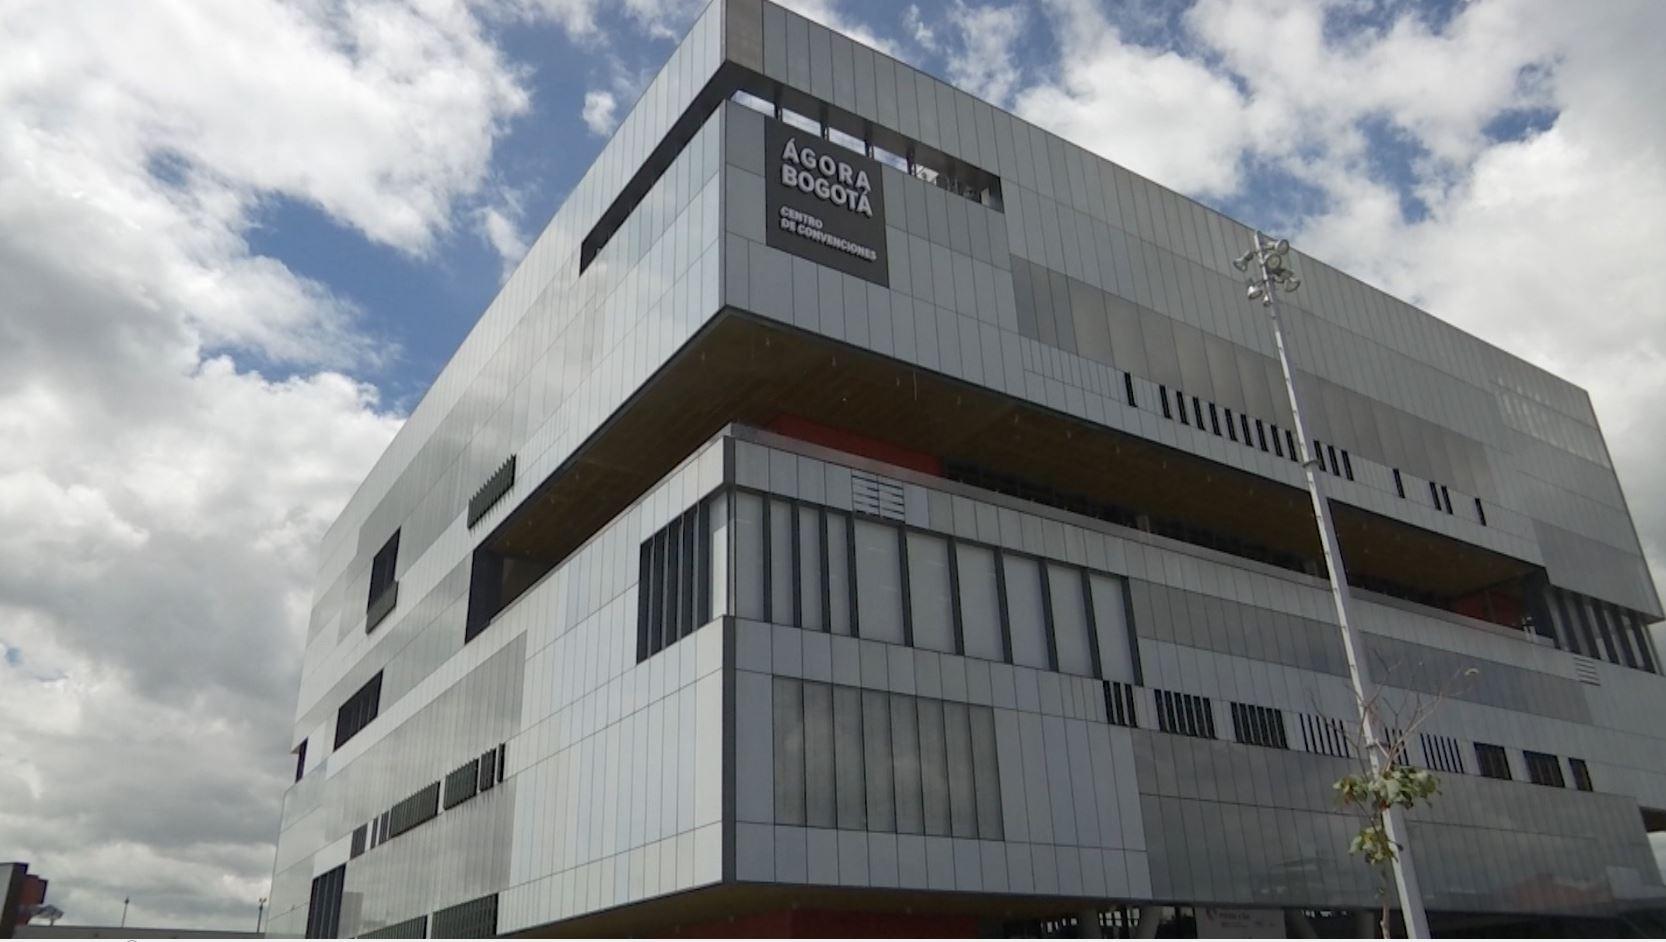 Ágora, el centro de convenciones más grande de Bogotá, ganó premio de arquitectura